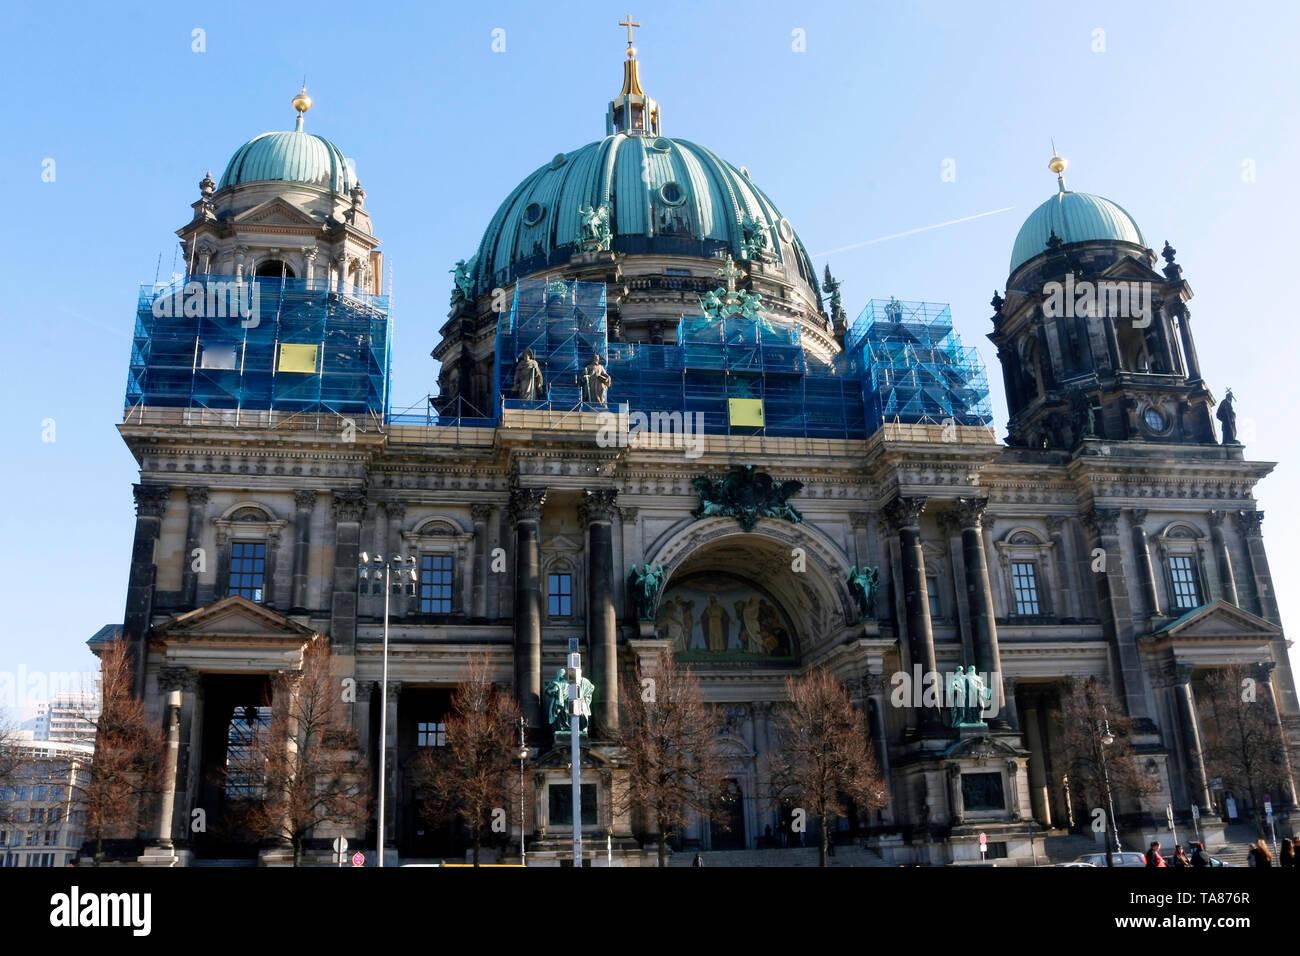 Berliner Dom - Berlin ist heute eine sehr coole und inspirierende Stadt. Seine Mischung aus Geschichte, Kunst, Ausdruck, Kreativität und Modernität machen es einzigartig. om Stockbild